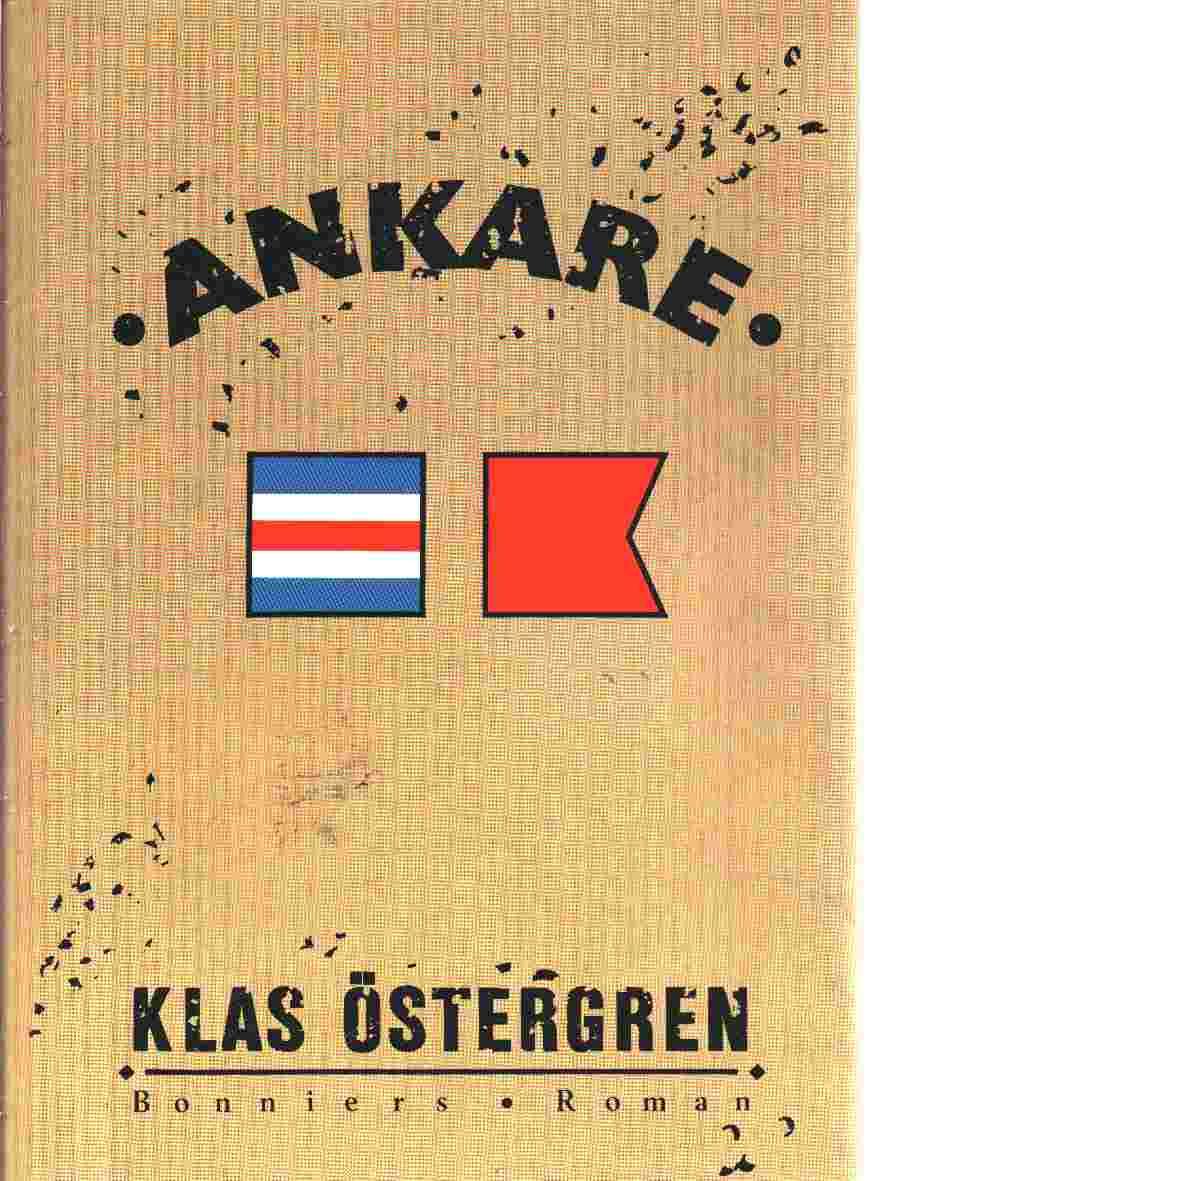 Ankare - Östergren, Klas